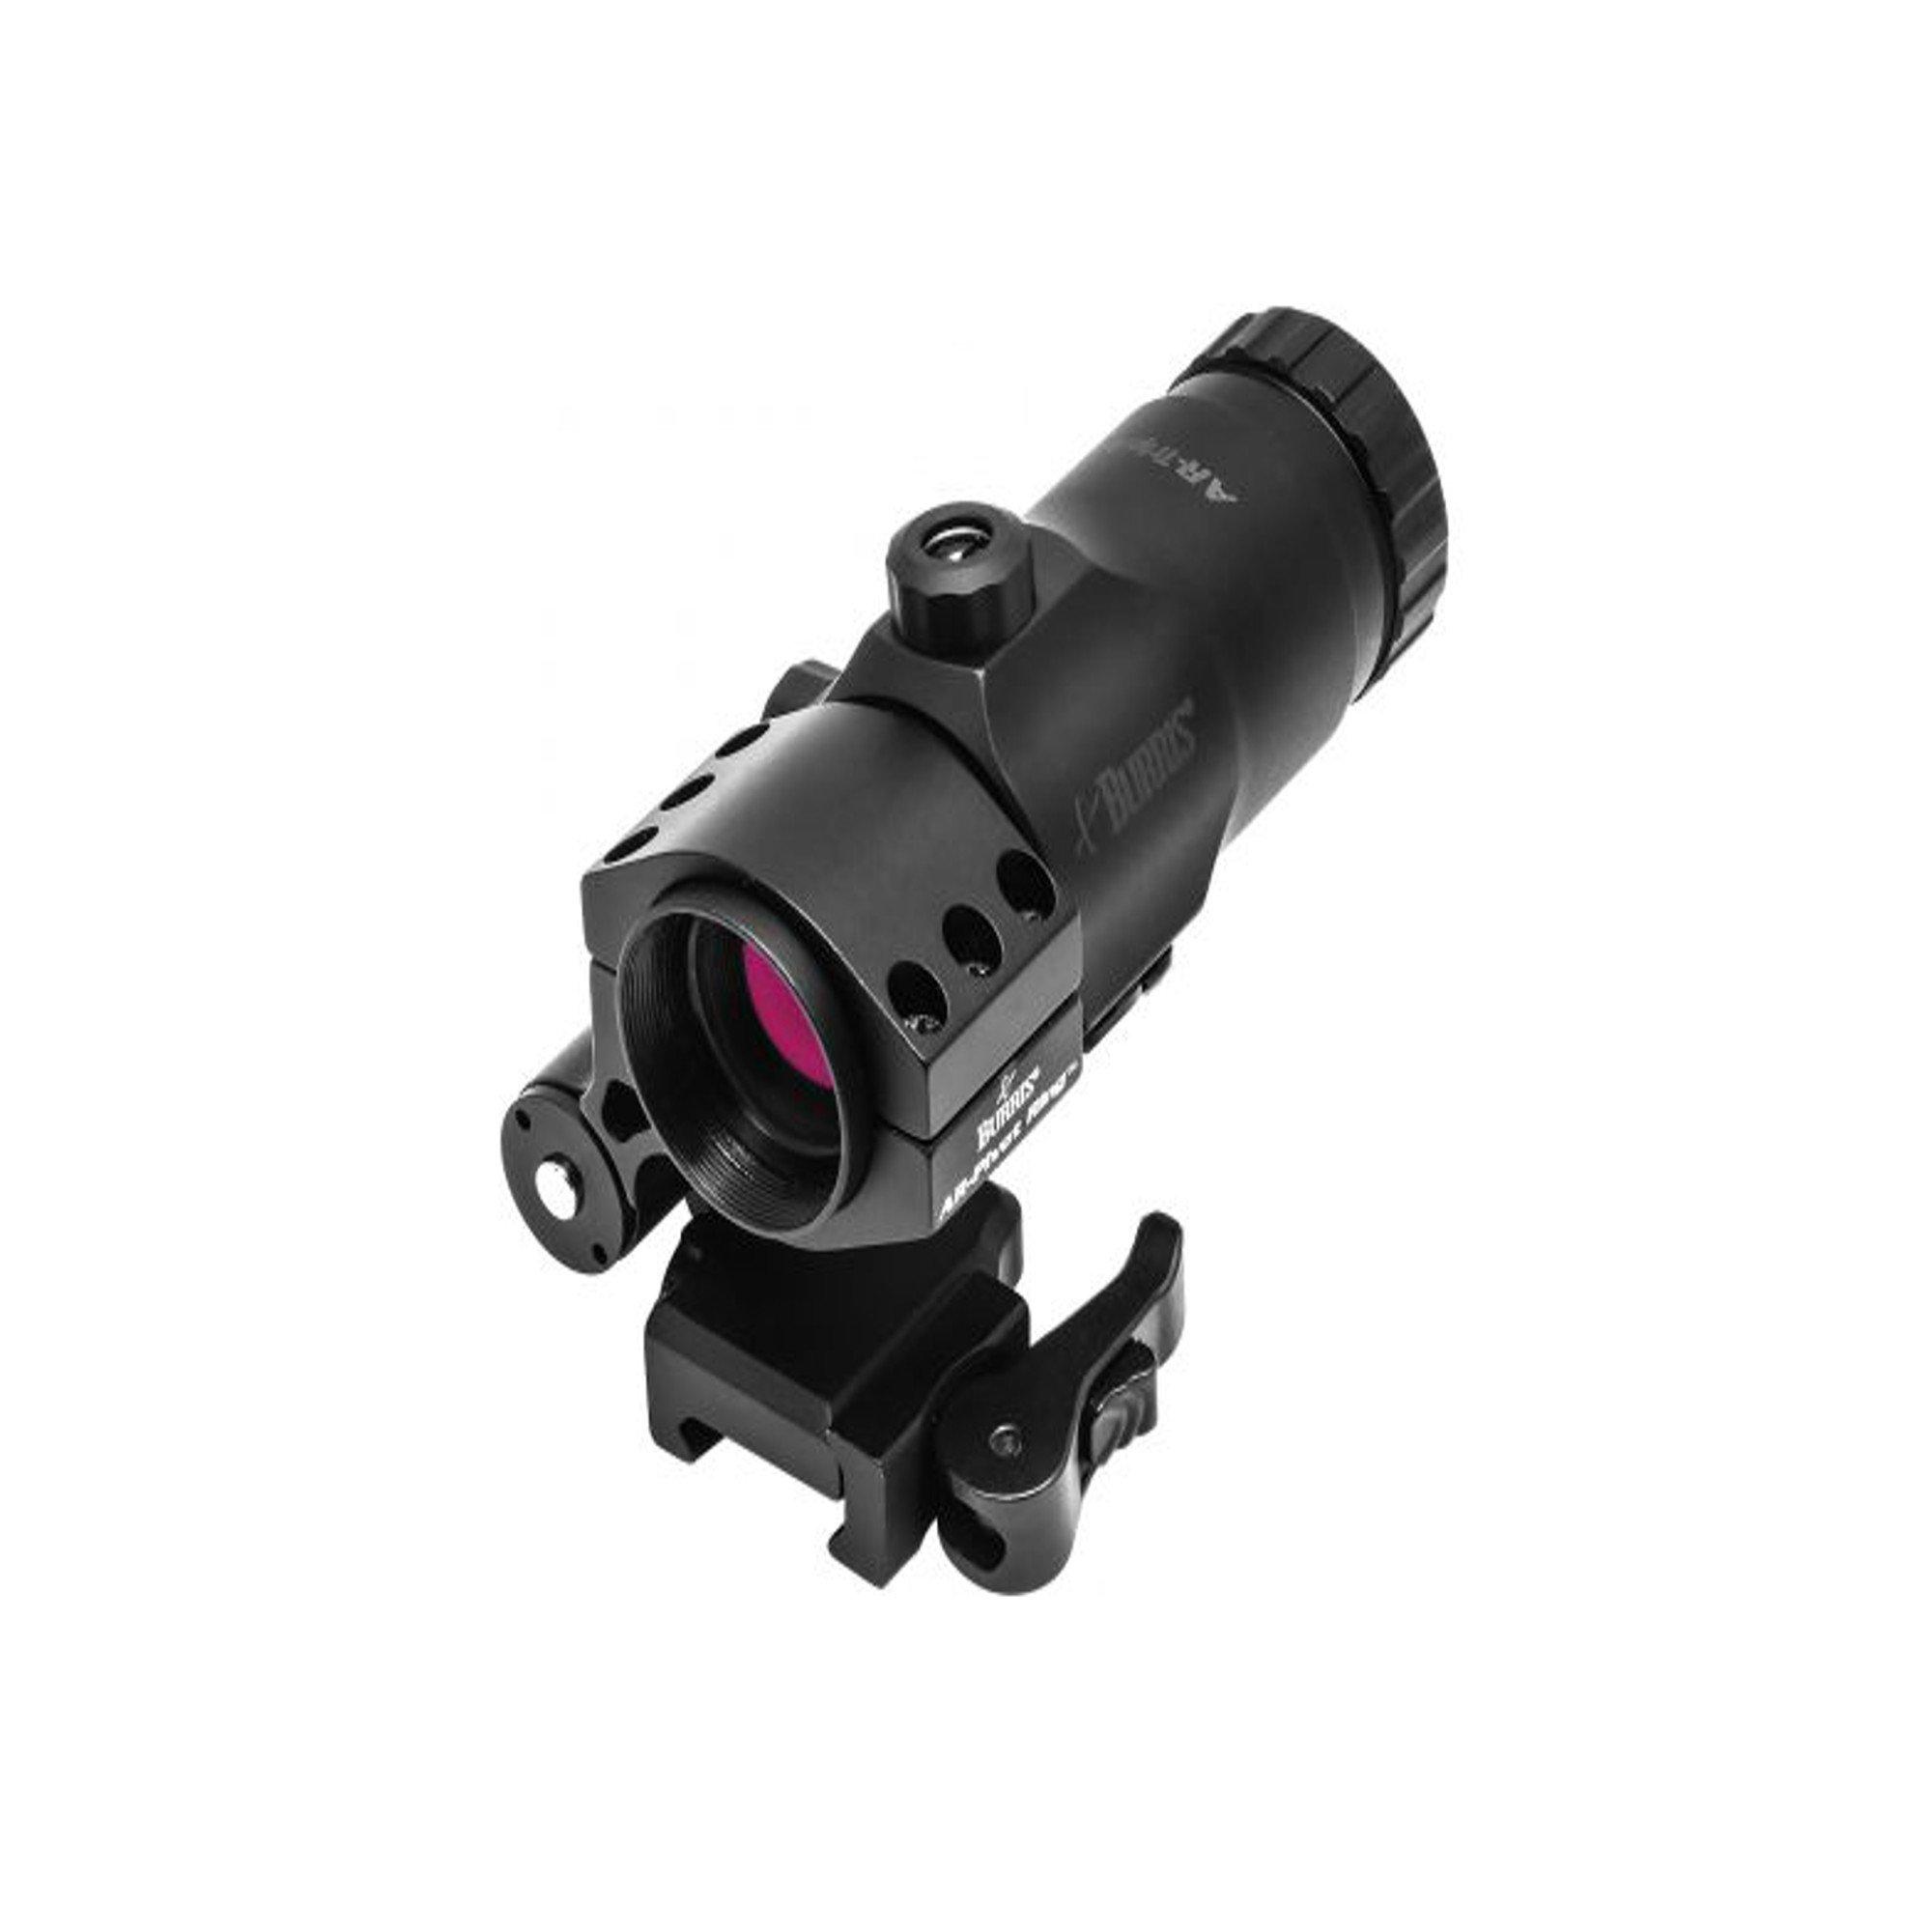 Burris 300216 AR-Tripler Gen 2, Pivot Ring X-High 1'', Matte